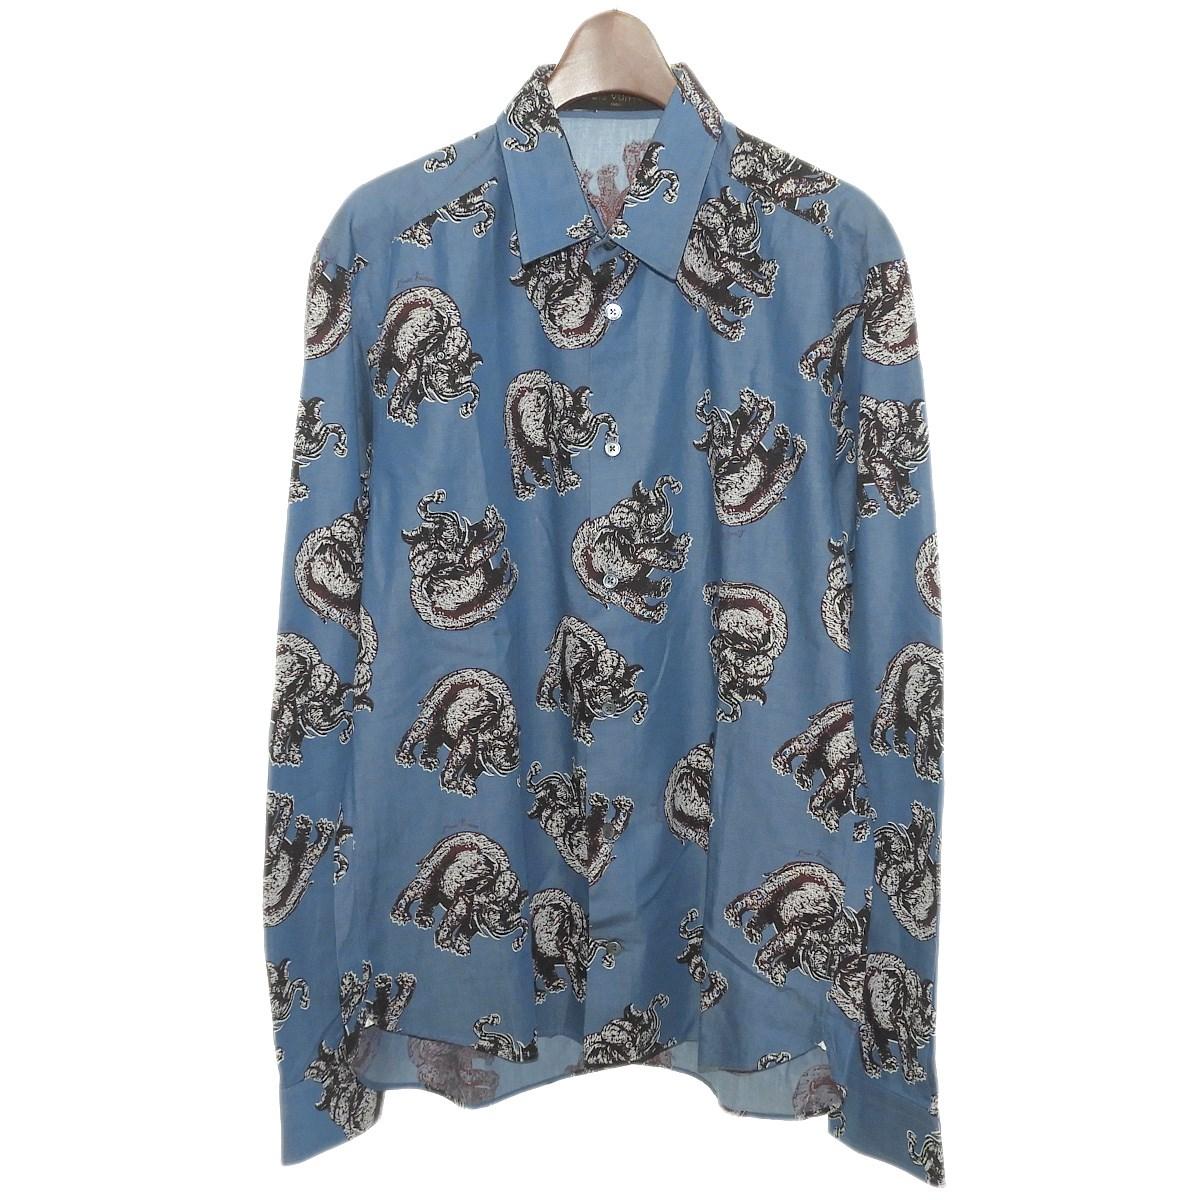 【中古】LOUIS VUITTON×Chapman Brothers2017SS サバンナエレファントシャツ ブルー サイズ:L